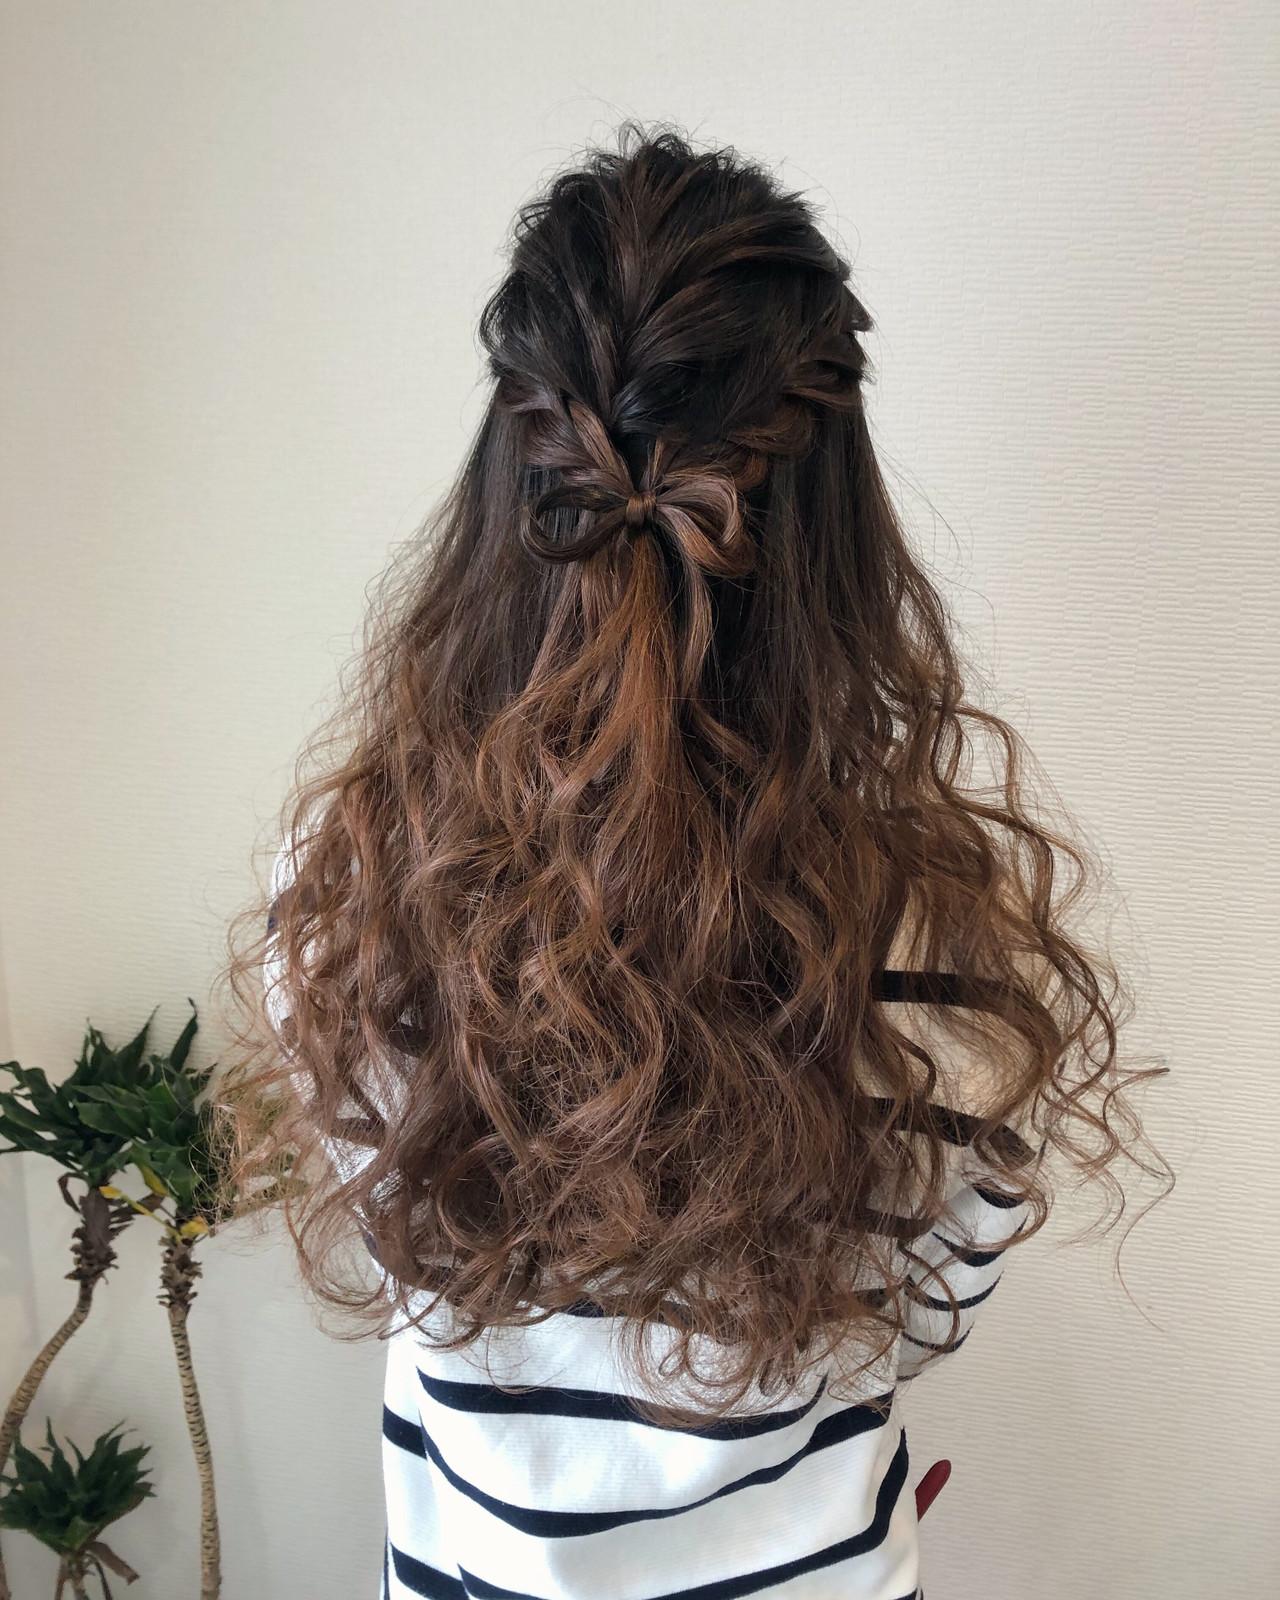 りぼん ハーフアップ ヘアアレンジ ヘアセット ヘアスタイルや髪型の写真・画像